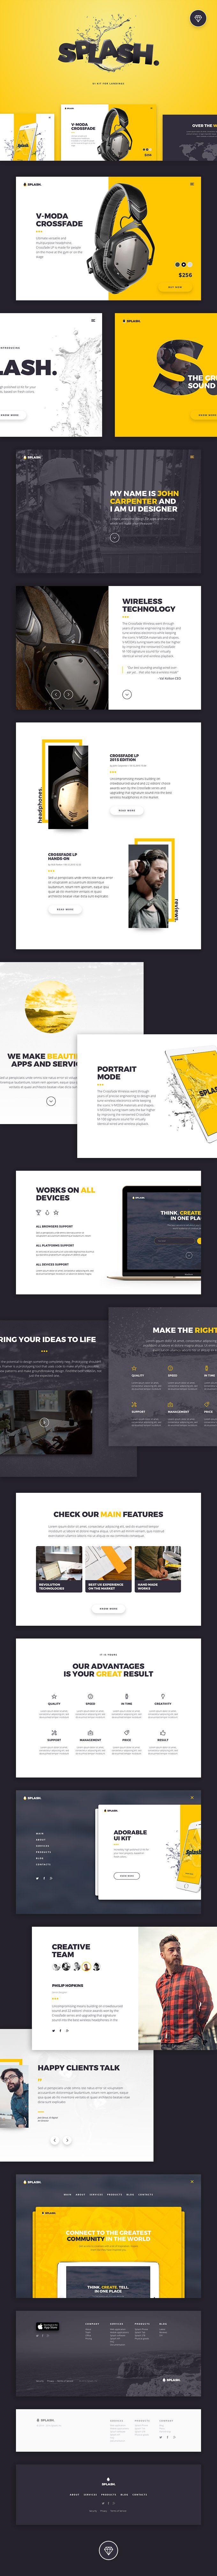 Splash Free Ui Kit Download Landing Page Templates Graphic